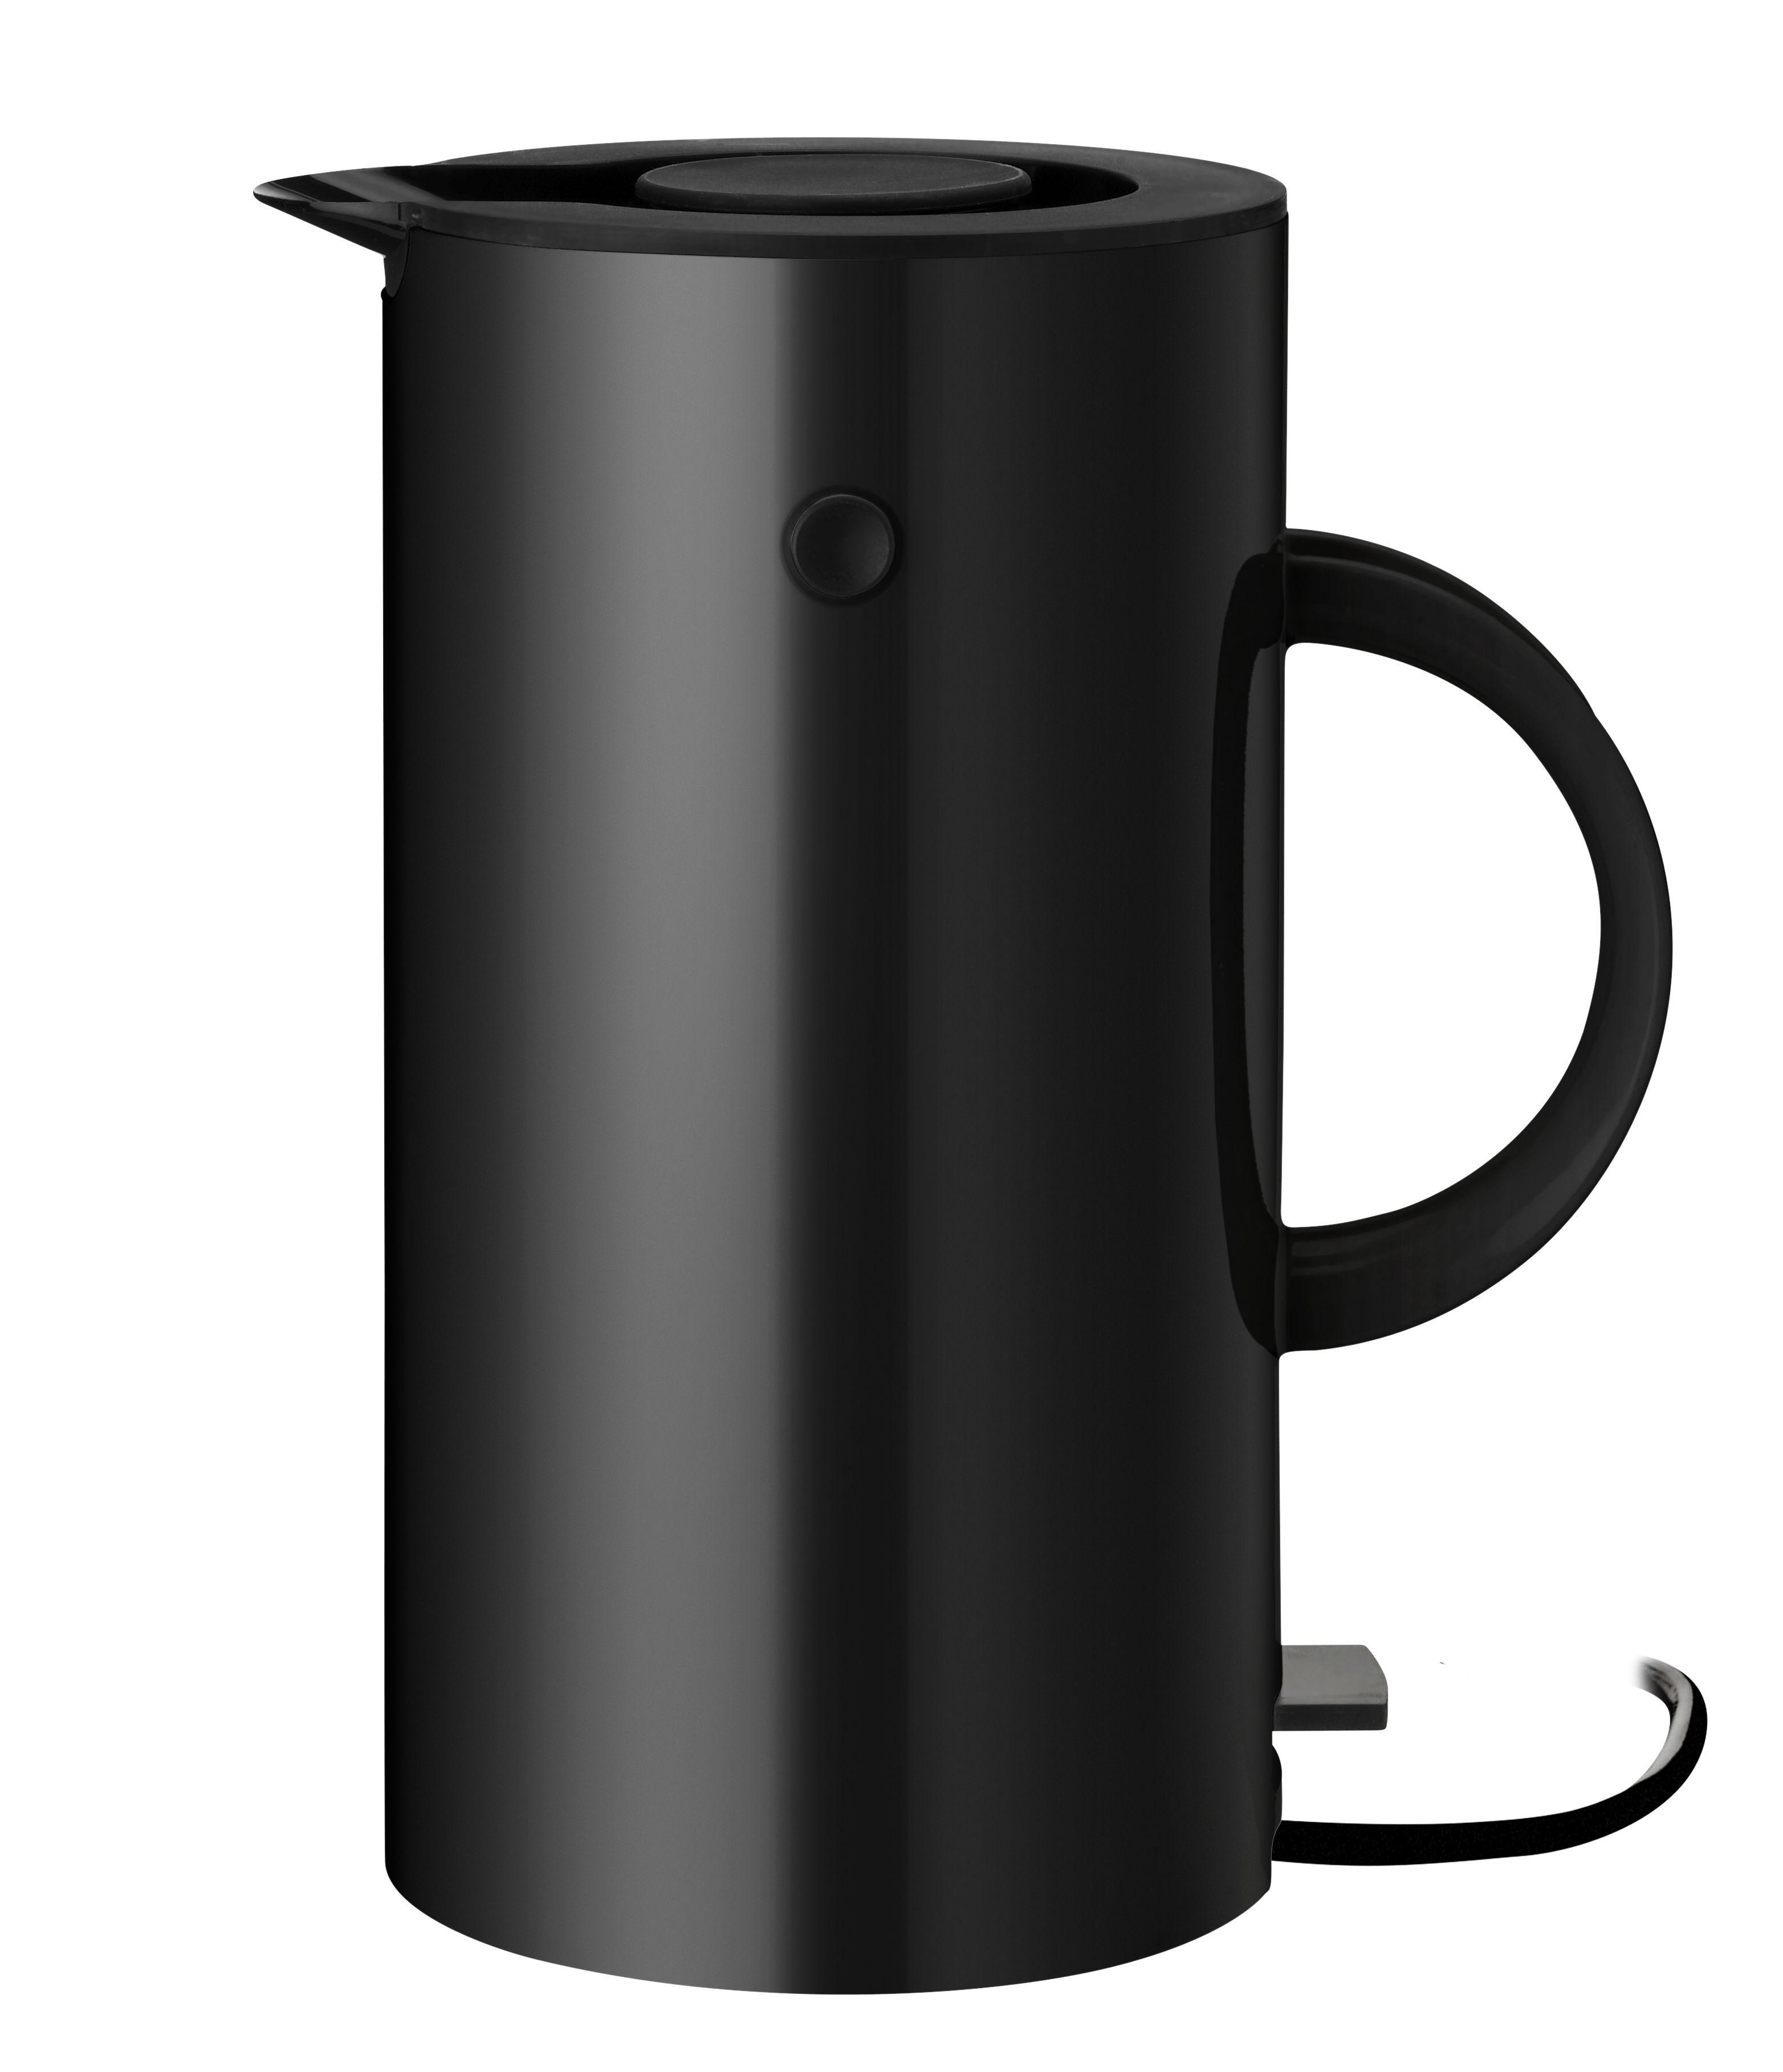 Cuisine - Théières et bouilloires - Bouilloire électrique EM77 / 1,5 L - Stelton - Noir - Plastique ABS